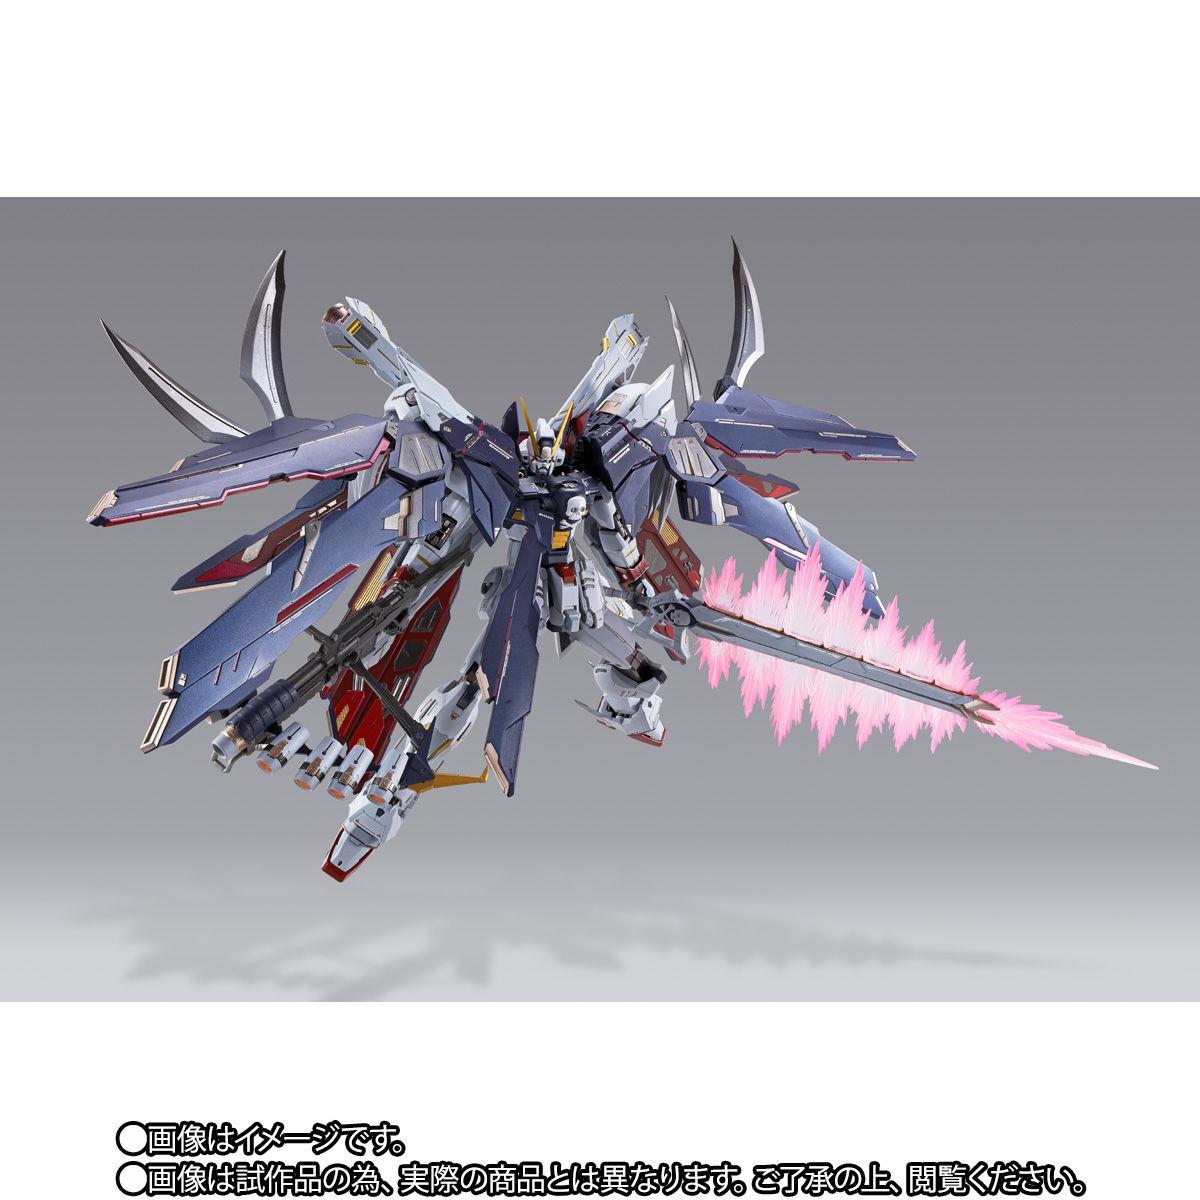 METAL BUILD『クロスボーン・ガンダムX1 フルクロス』機動戦士クロスボーン・ガンダム 可動フィギュア-008